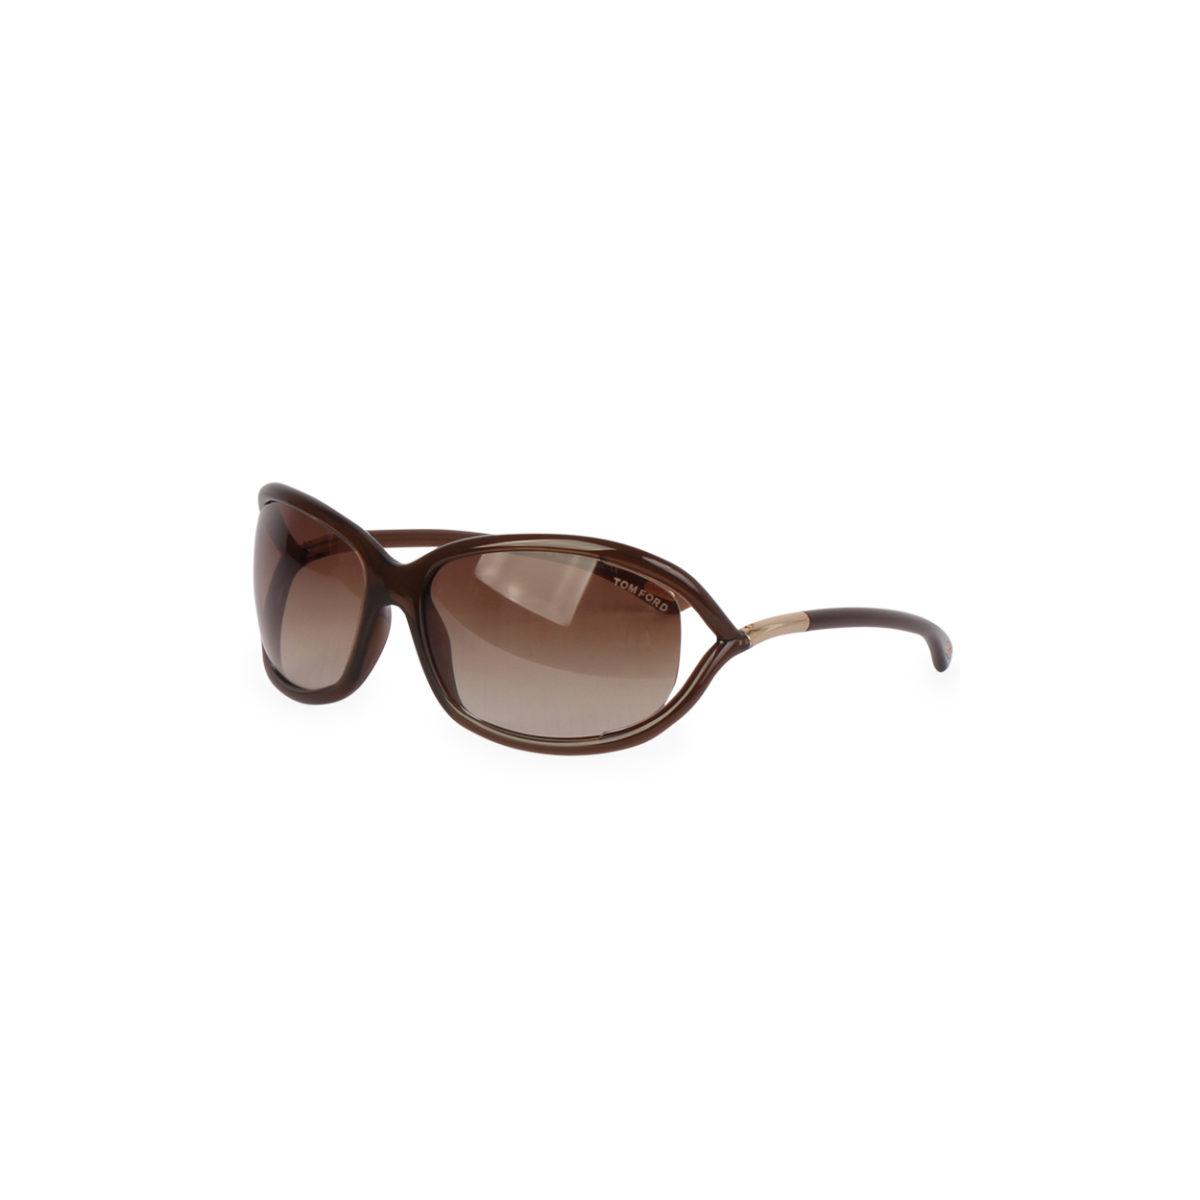 196b4ed8d87 TOM FORD Jennifer Sunglasses TF8 Brown - New